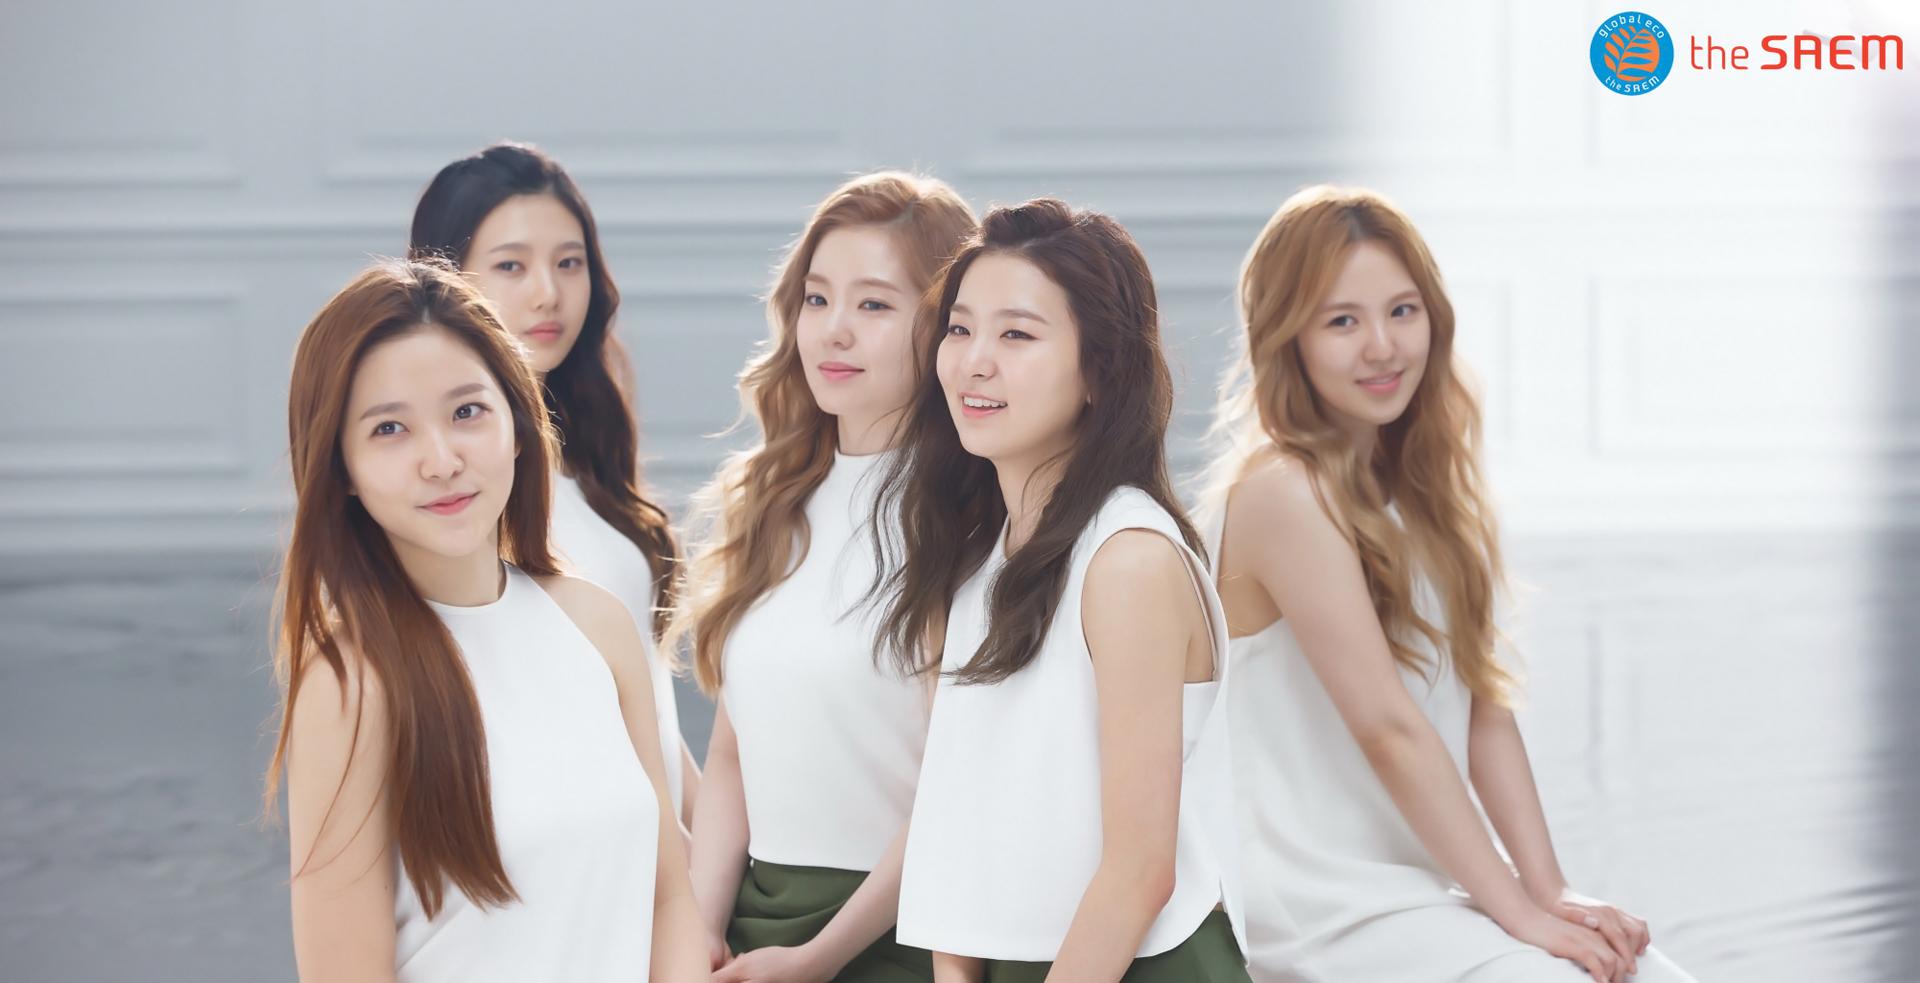 Girl Face Wallpaper 5k Red Velvet Chosen As New Models For Cosmetics Brand The